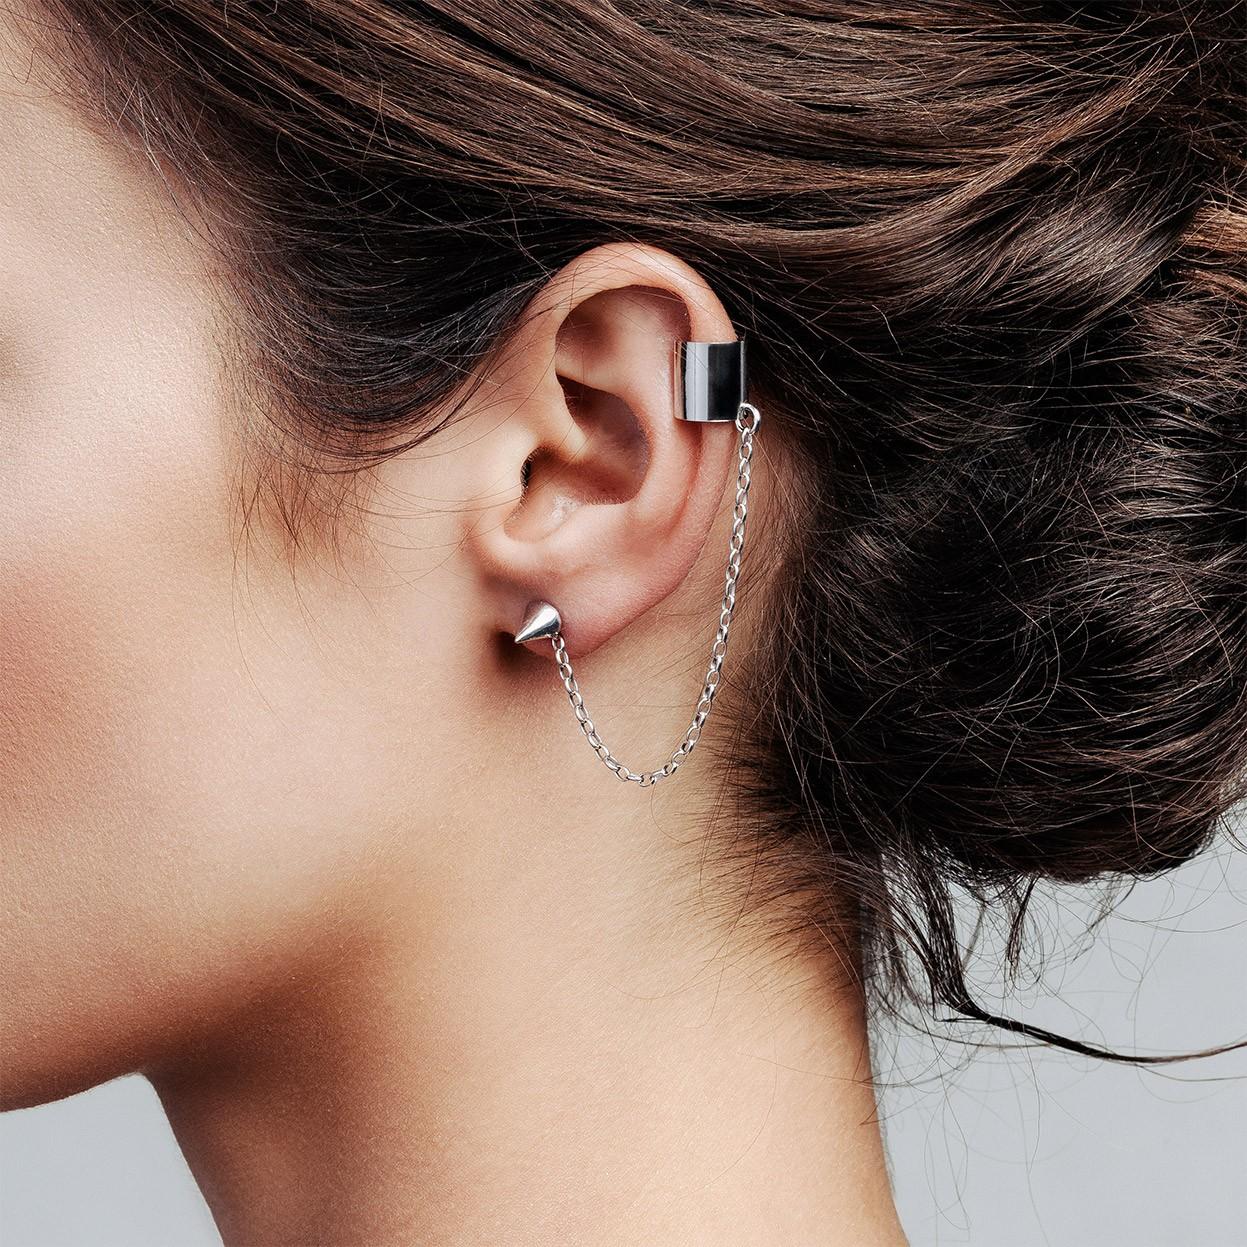 Carrot earrings sterling silver 925 - ARÔME